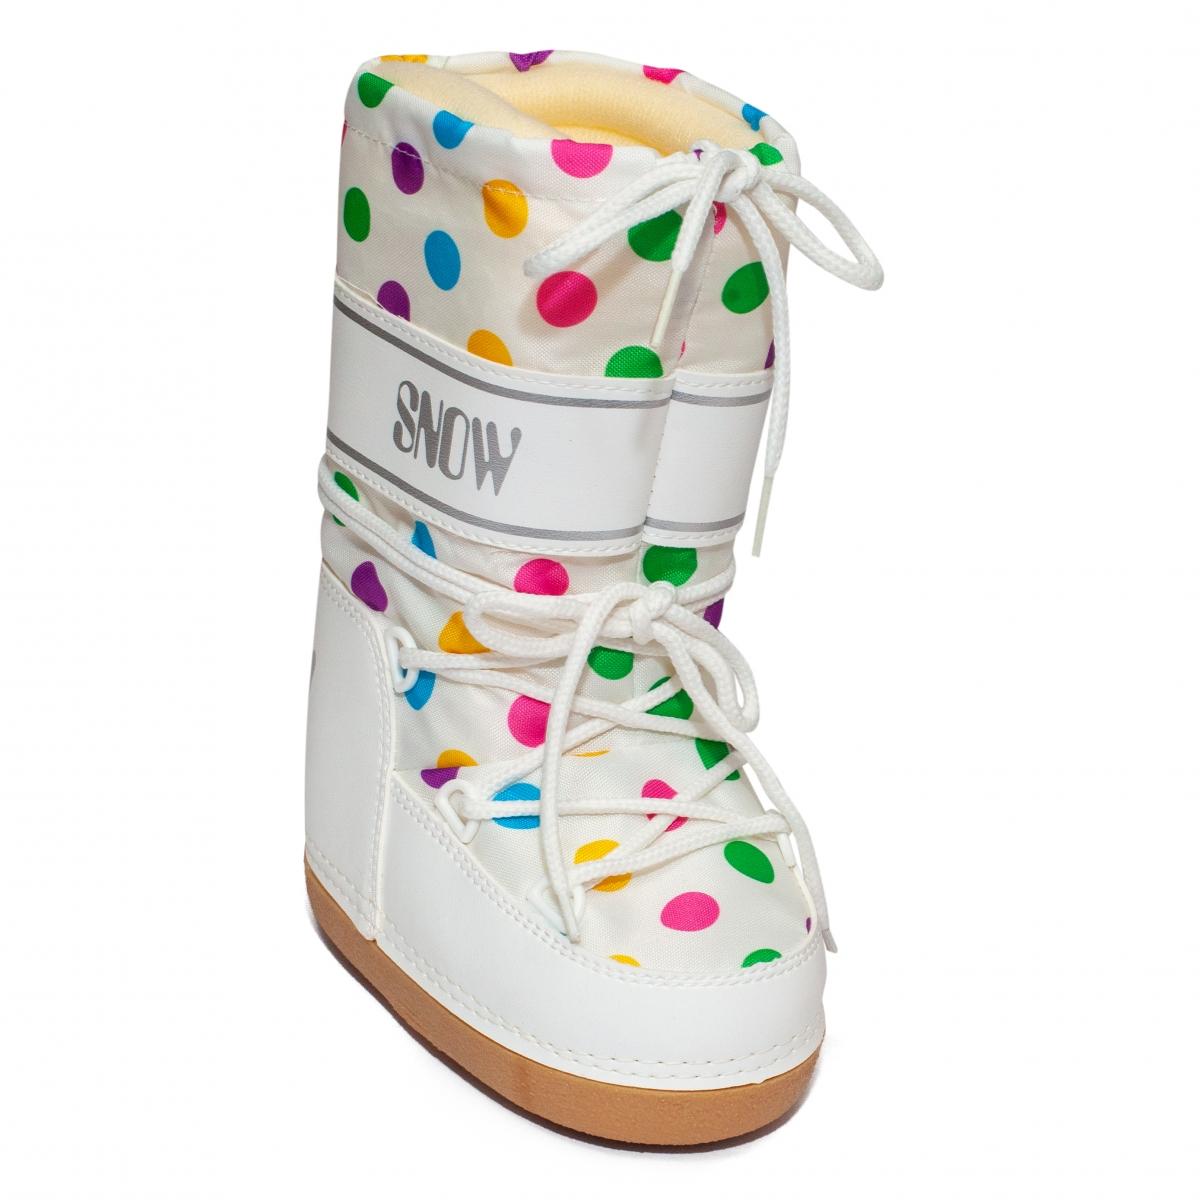 Boots fete de zapada snow 2531 alb buline 24-39